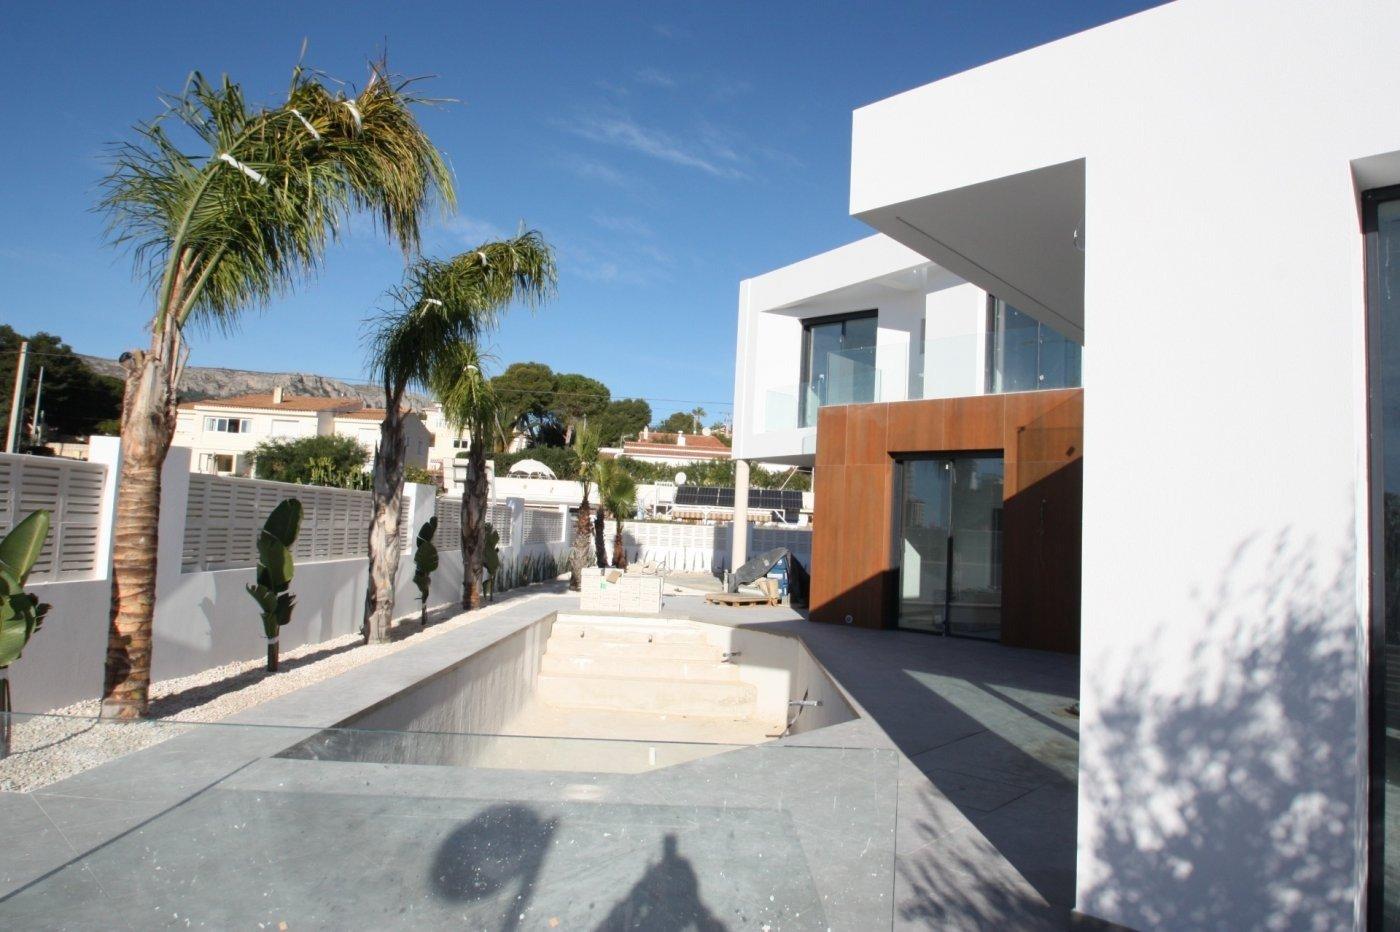 Villa de obra nueva de estilo moderno en venta en calpe a 600 m de la playa - imagenInmueble8